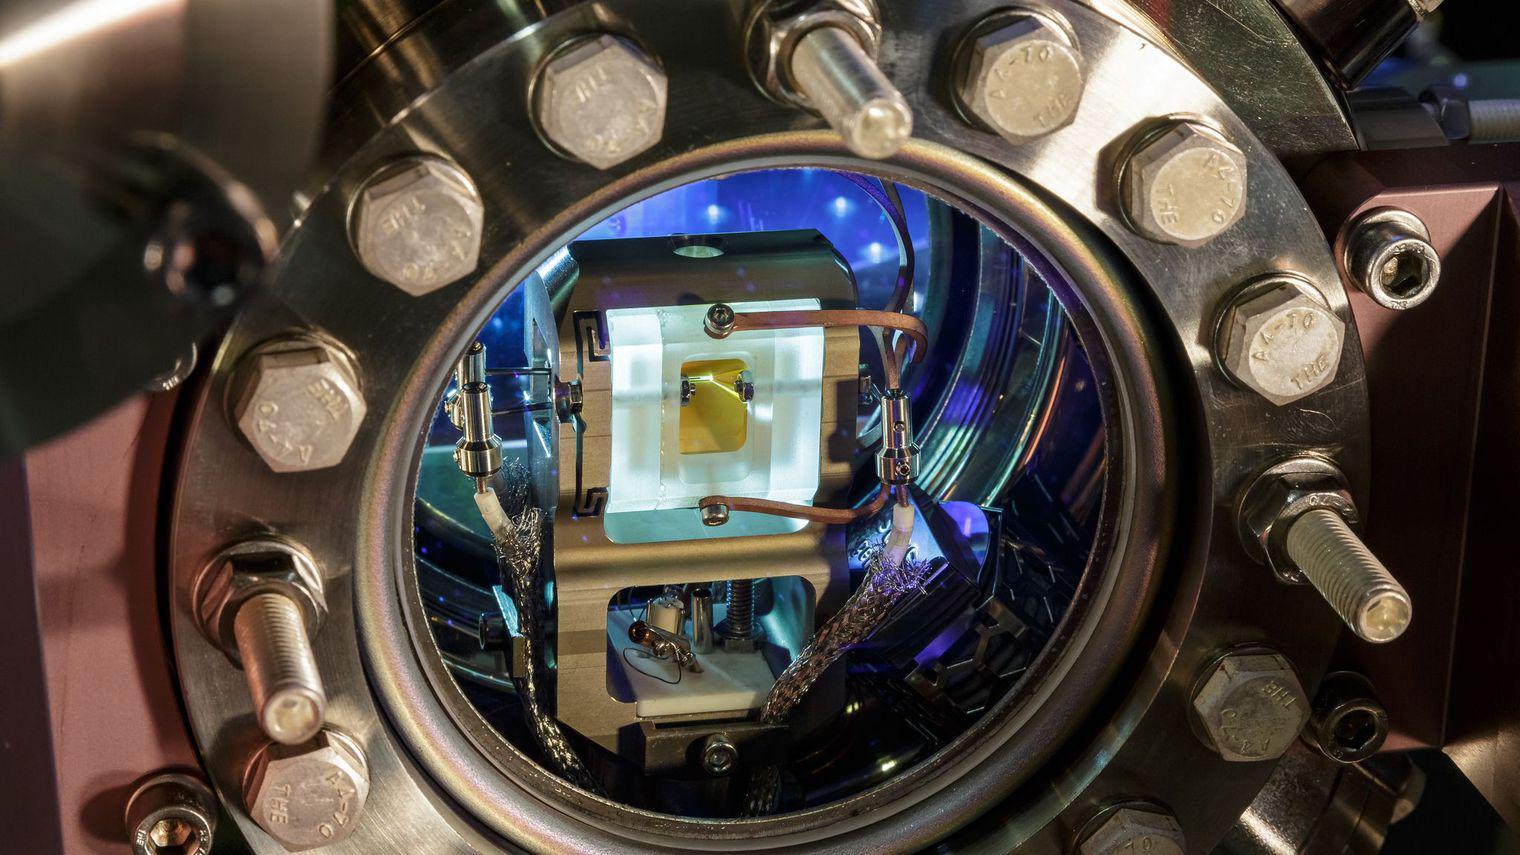 Pékin a réussi une téléportation quantique de 1200 km de distance, une prouesse.